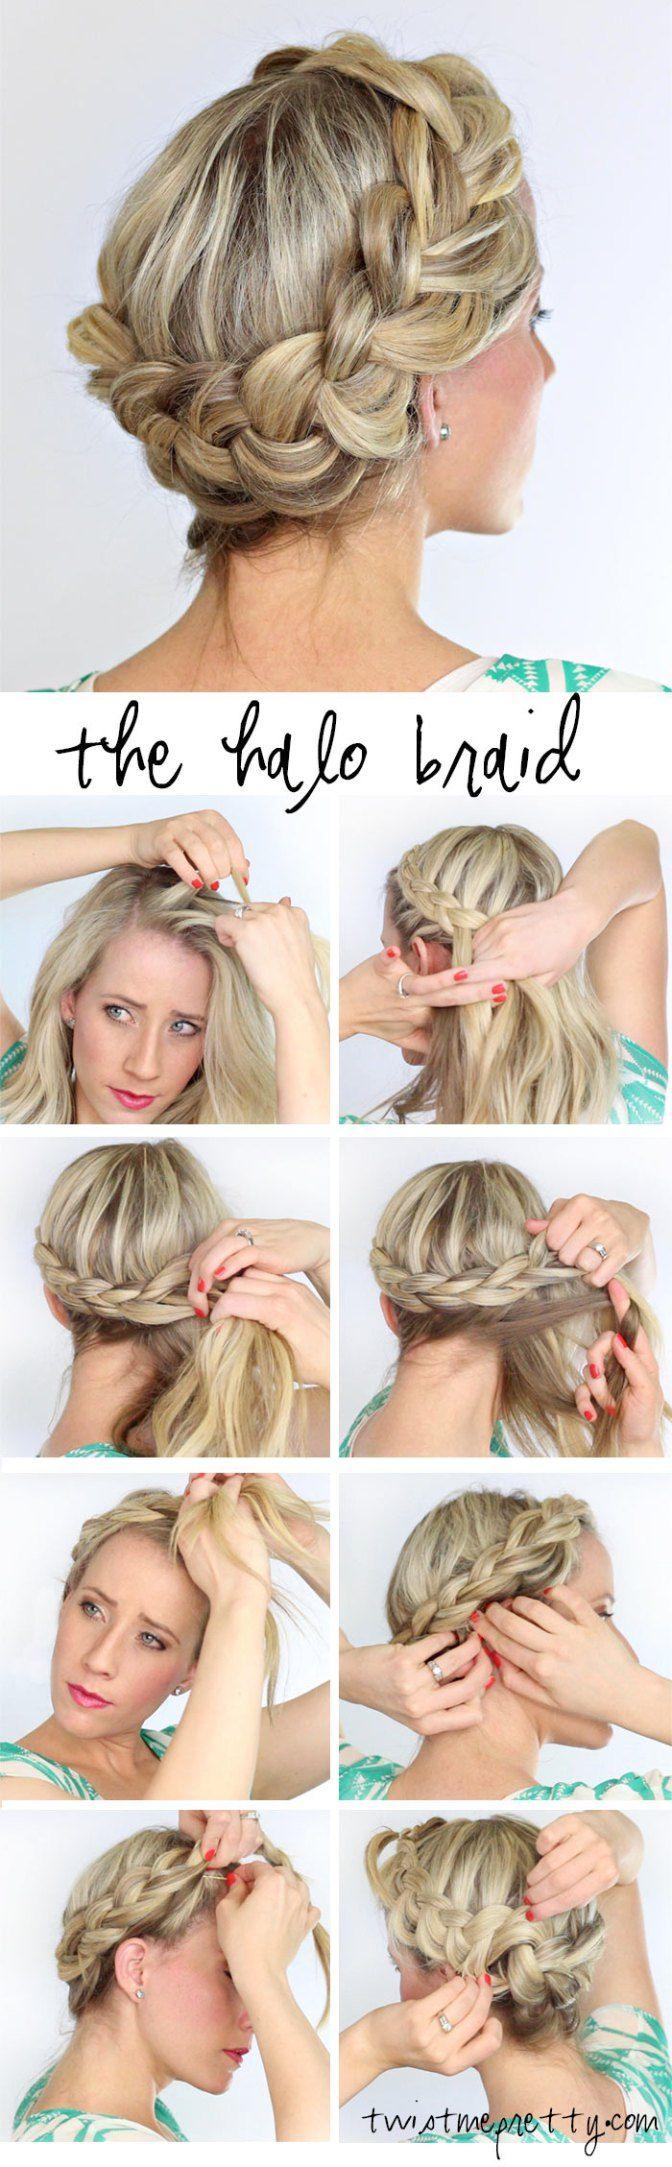 Las trenzas están de moda, como parte de la tendencia de usar el cabello de una forma natural, la trenza corona o 'Halo braid' es una trenza delicada y elegante